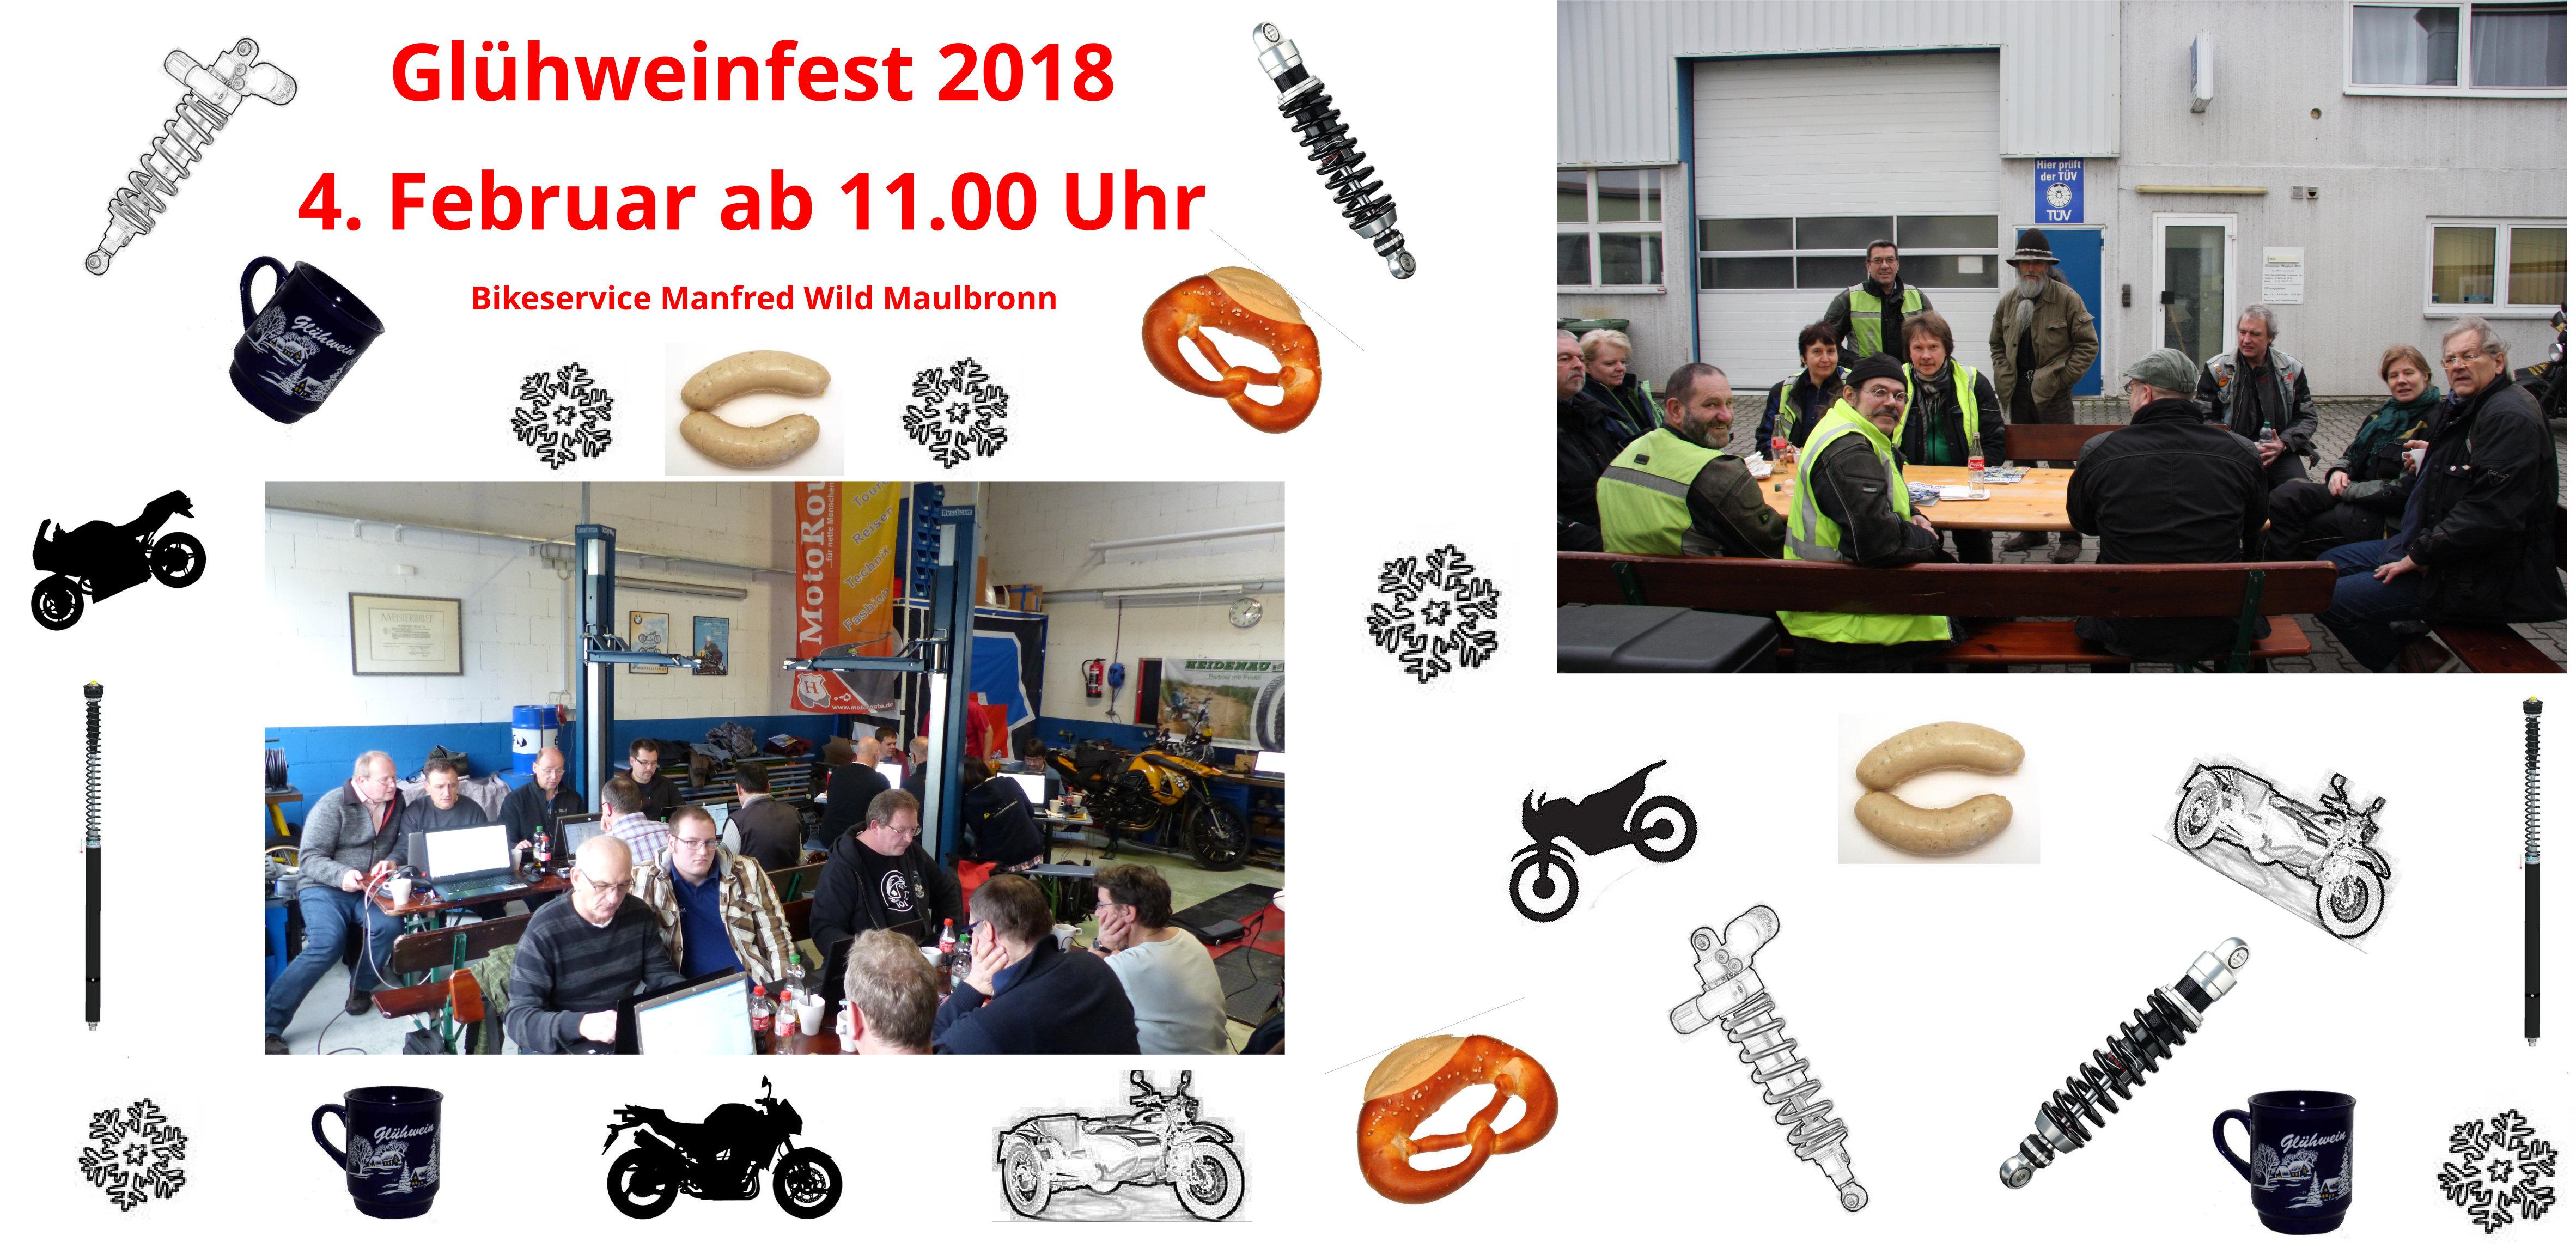 Glühweinfest 2018